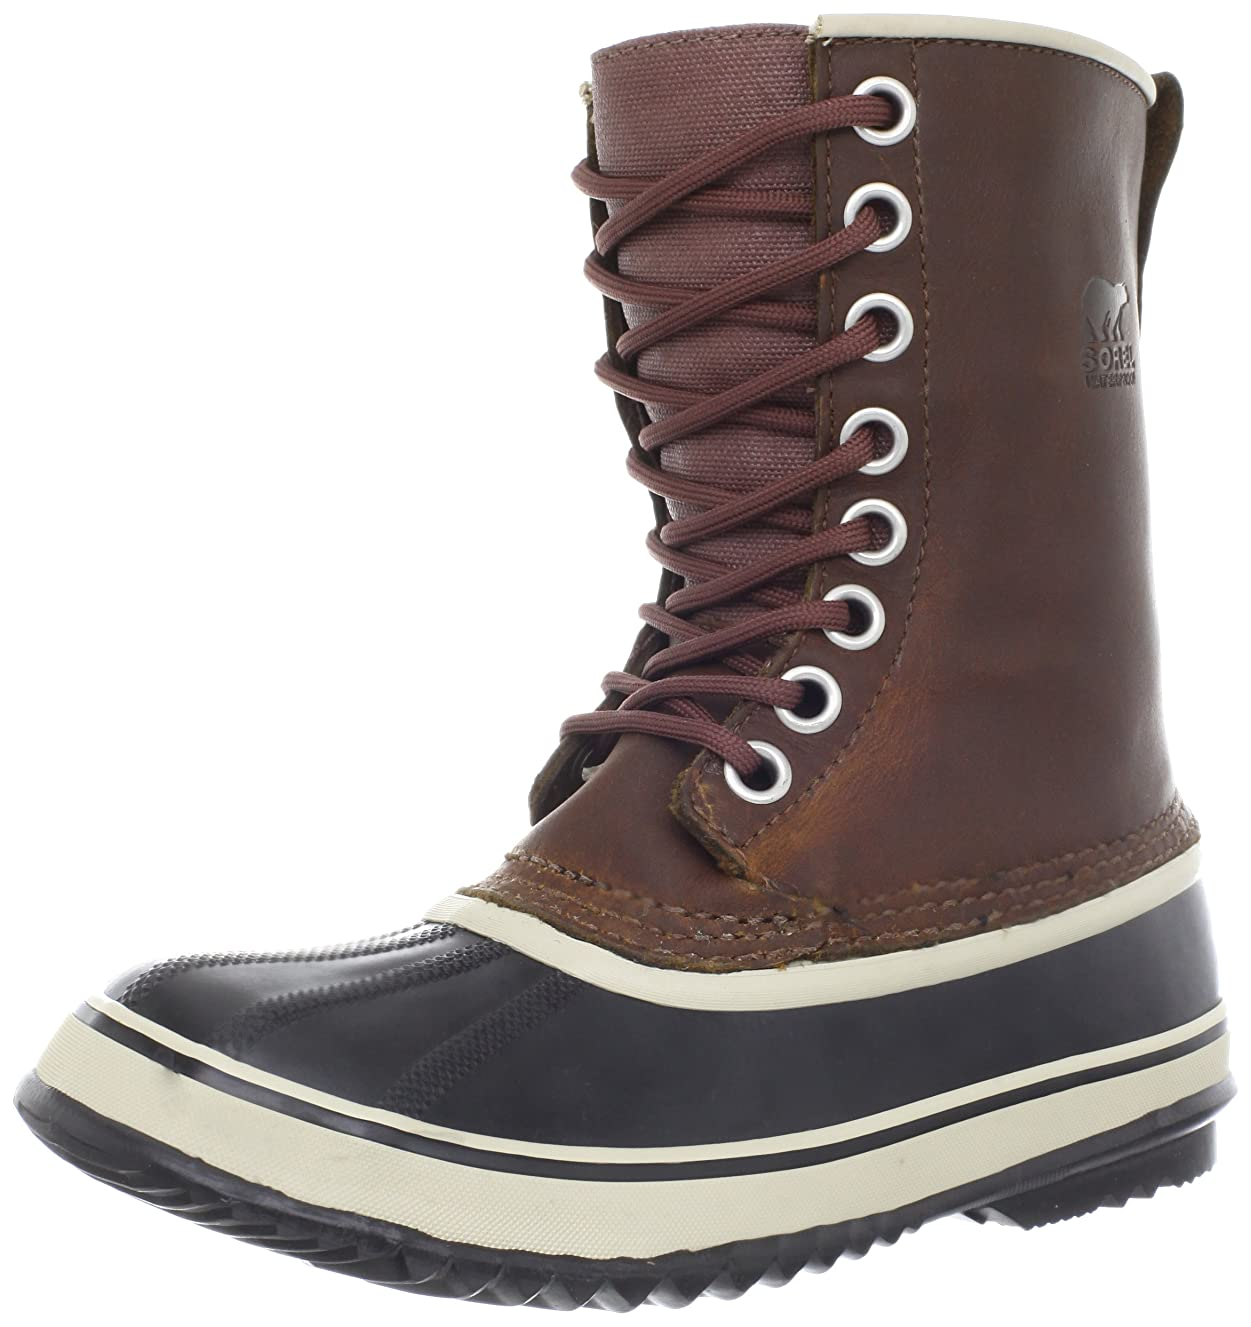 抽選貫通するバター[ソレル] レディース1964?Premium Leather Boot US サイズ: 9 M US カラー: ブラウン